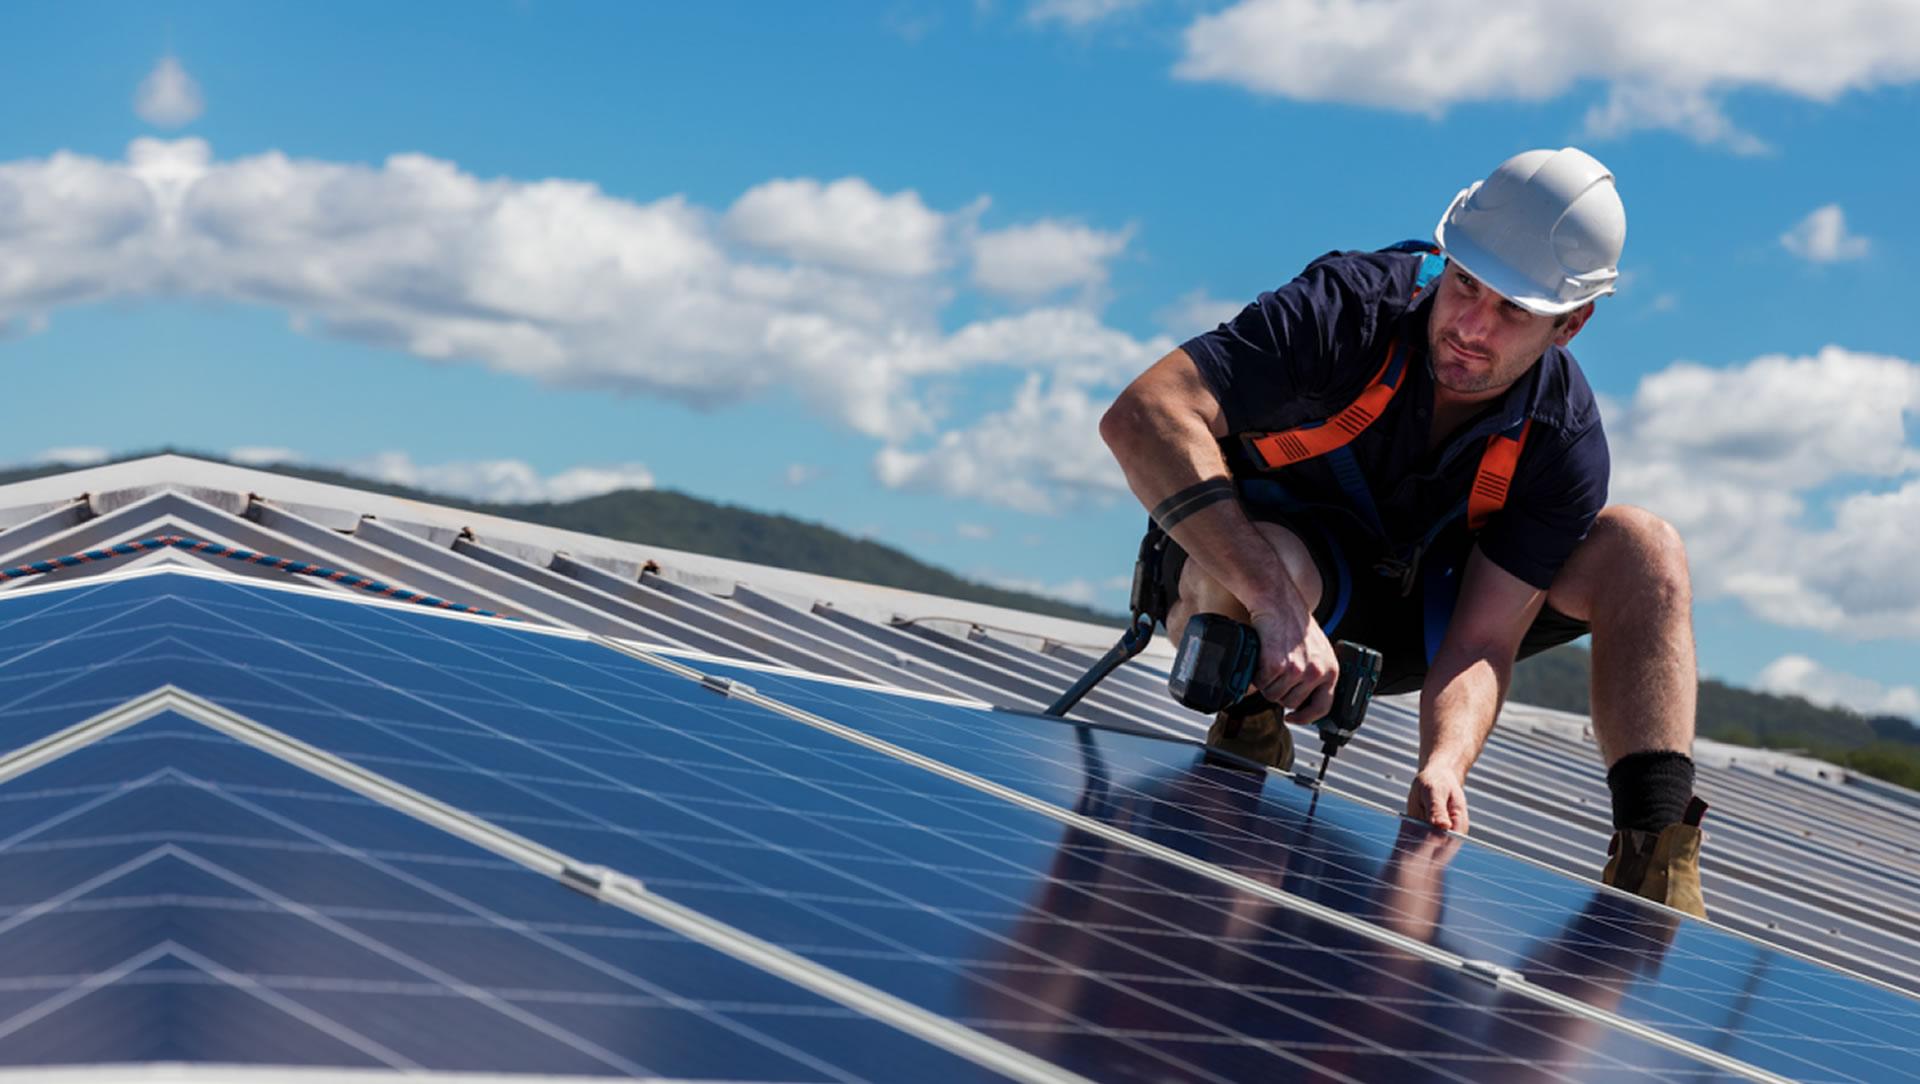 Imagem com um engenheiro elétrico da RA Elétrica fazendo instalação de paineis fotovoltaicos